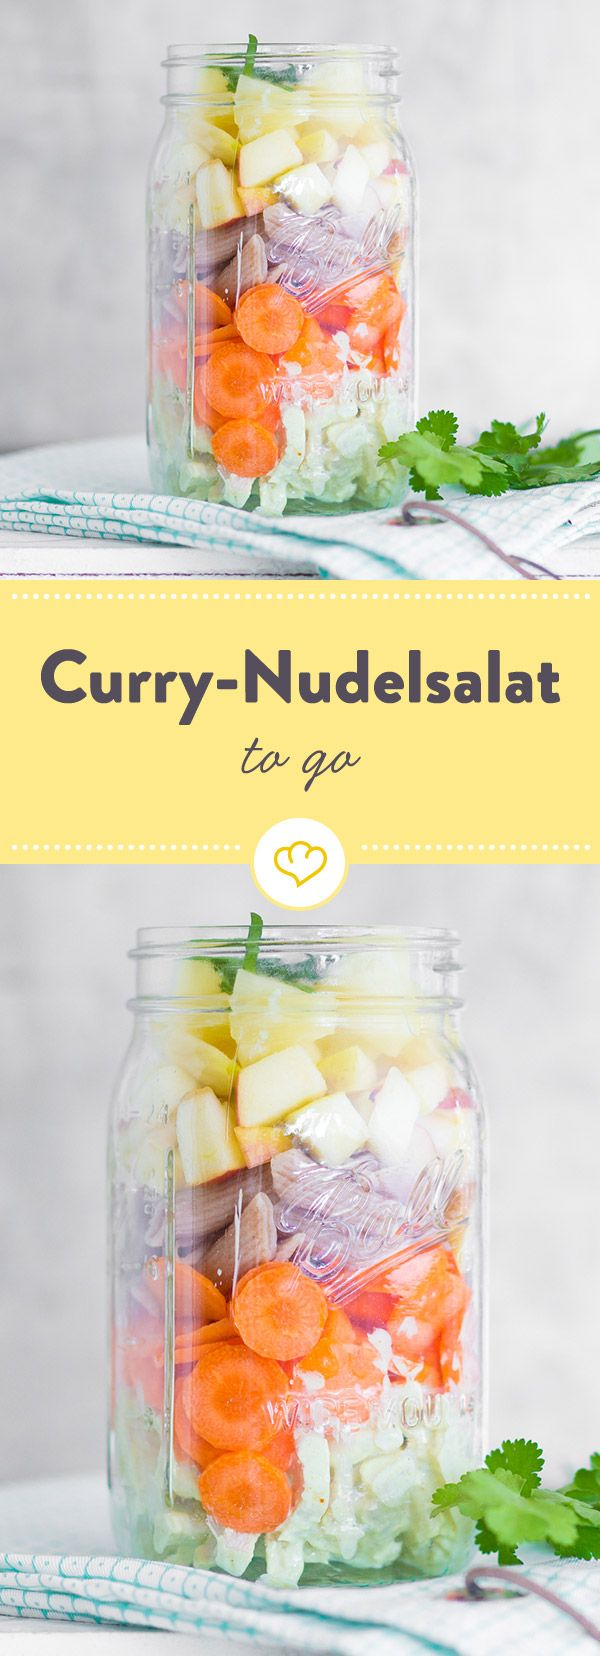 Karotten, Äpfel, Ananas und Vollkornnudeln schichten und mit einem cremigen Curry-Joghurt und Hähnchenbrust verfeinern. Perfekt zum Mitnehmen!